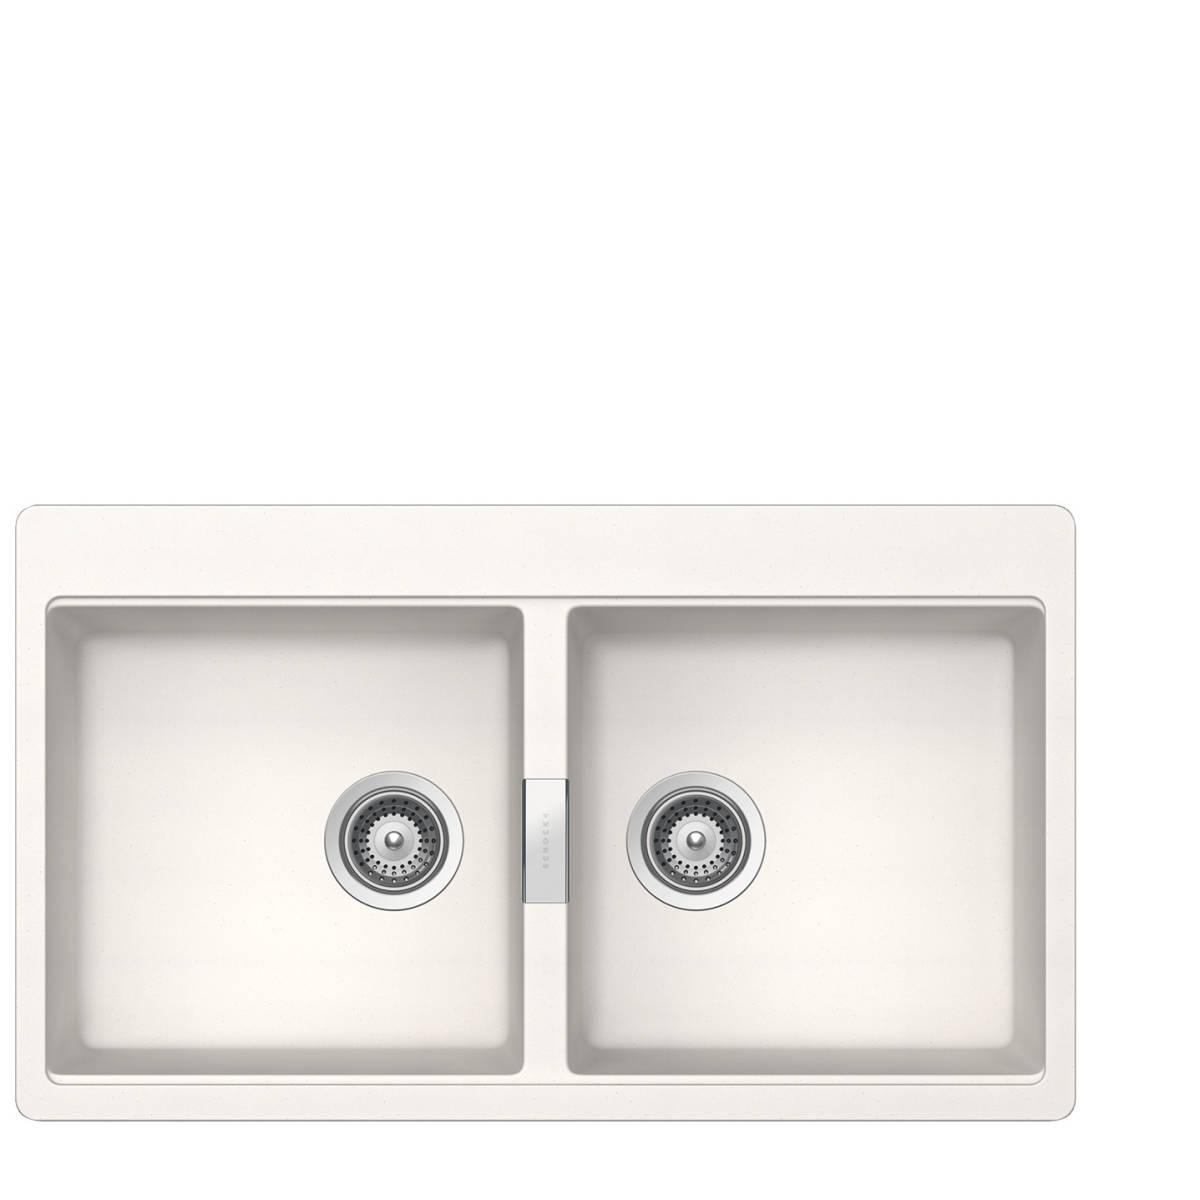 Axor Sinks Axor Made By Schock 43007100